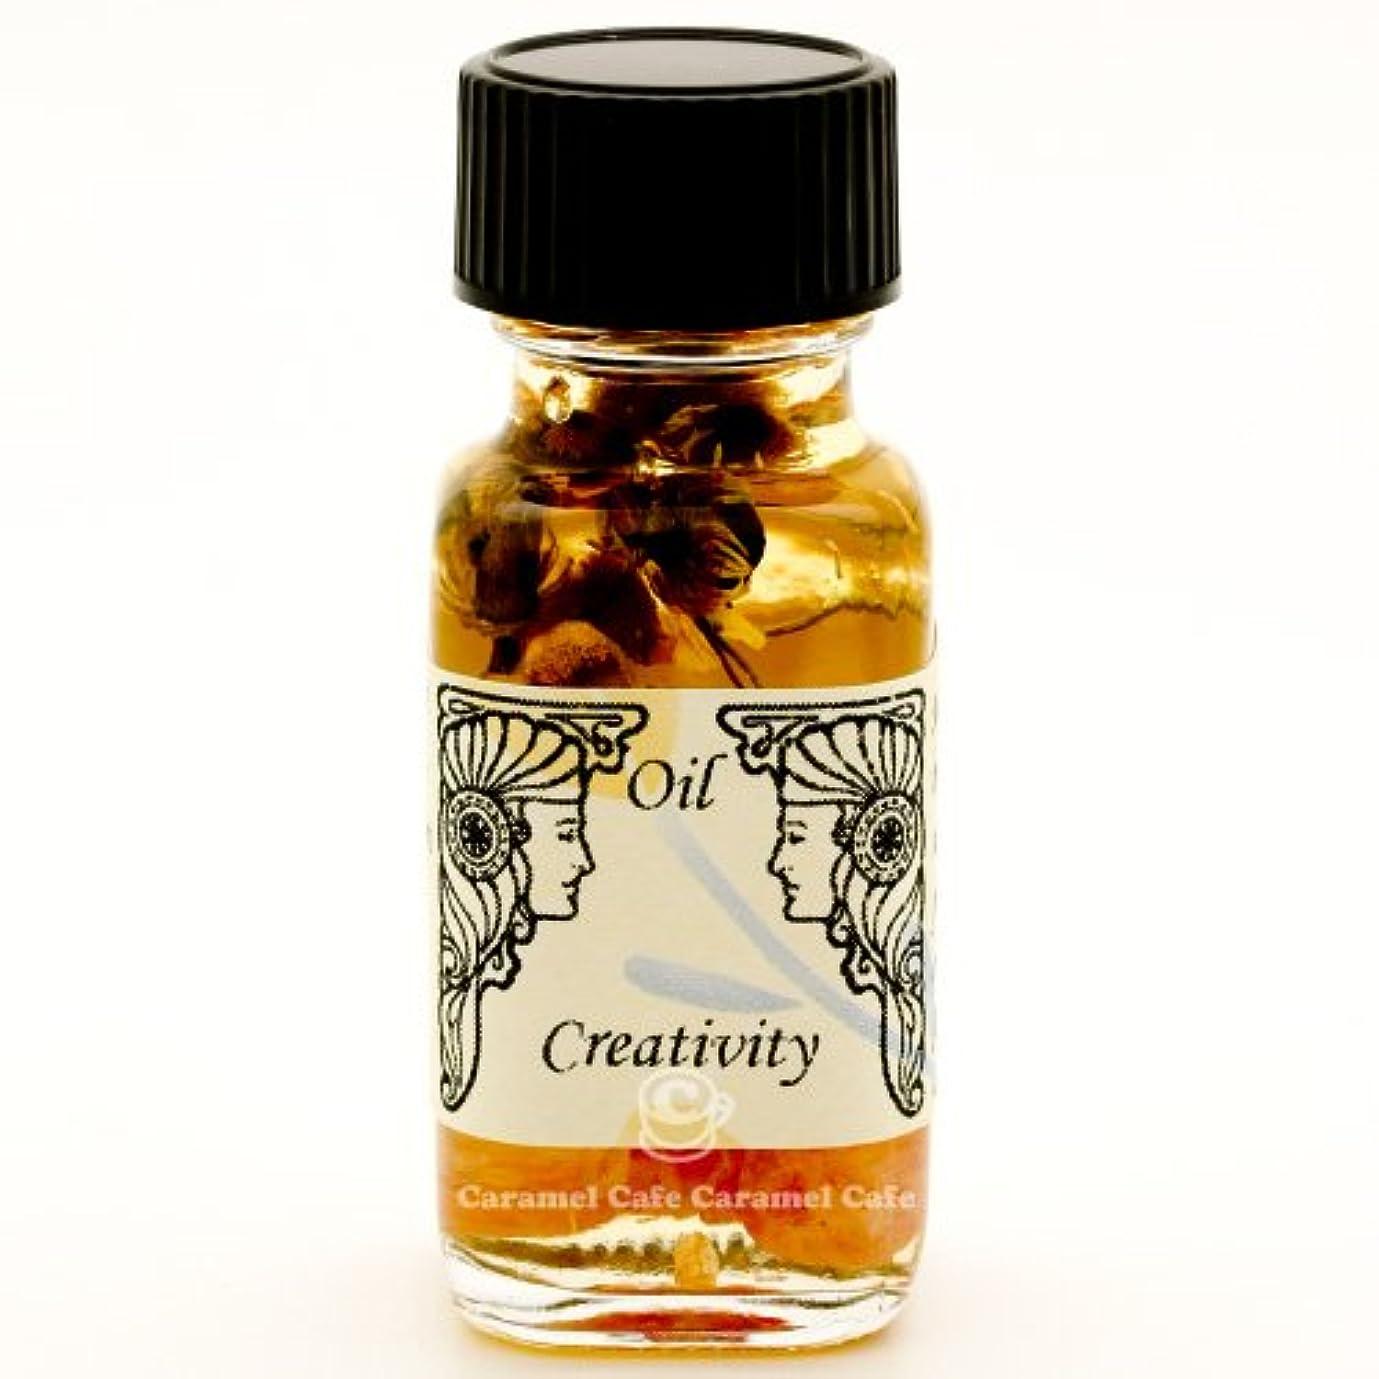 機関排出フィールドSEDONA Ancient Memory Oils セドナ アンシェントメモリーオイル 2016年新作オイル Creativityクリエイティビティ~創造力~ 15ml